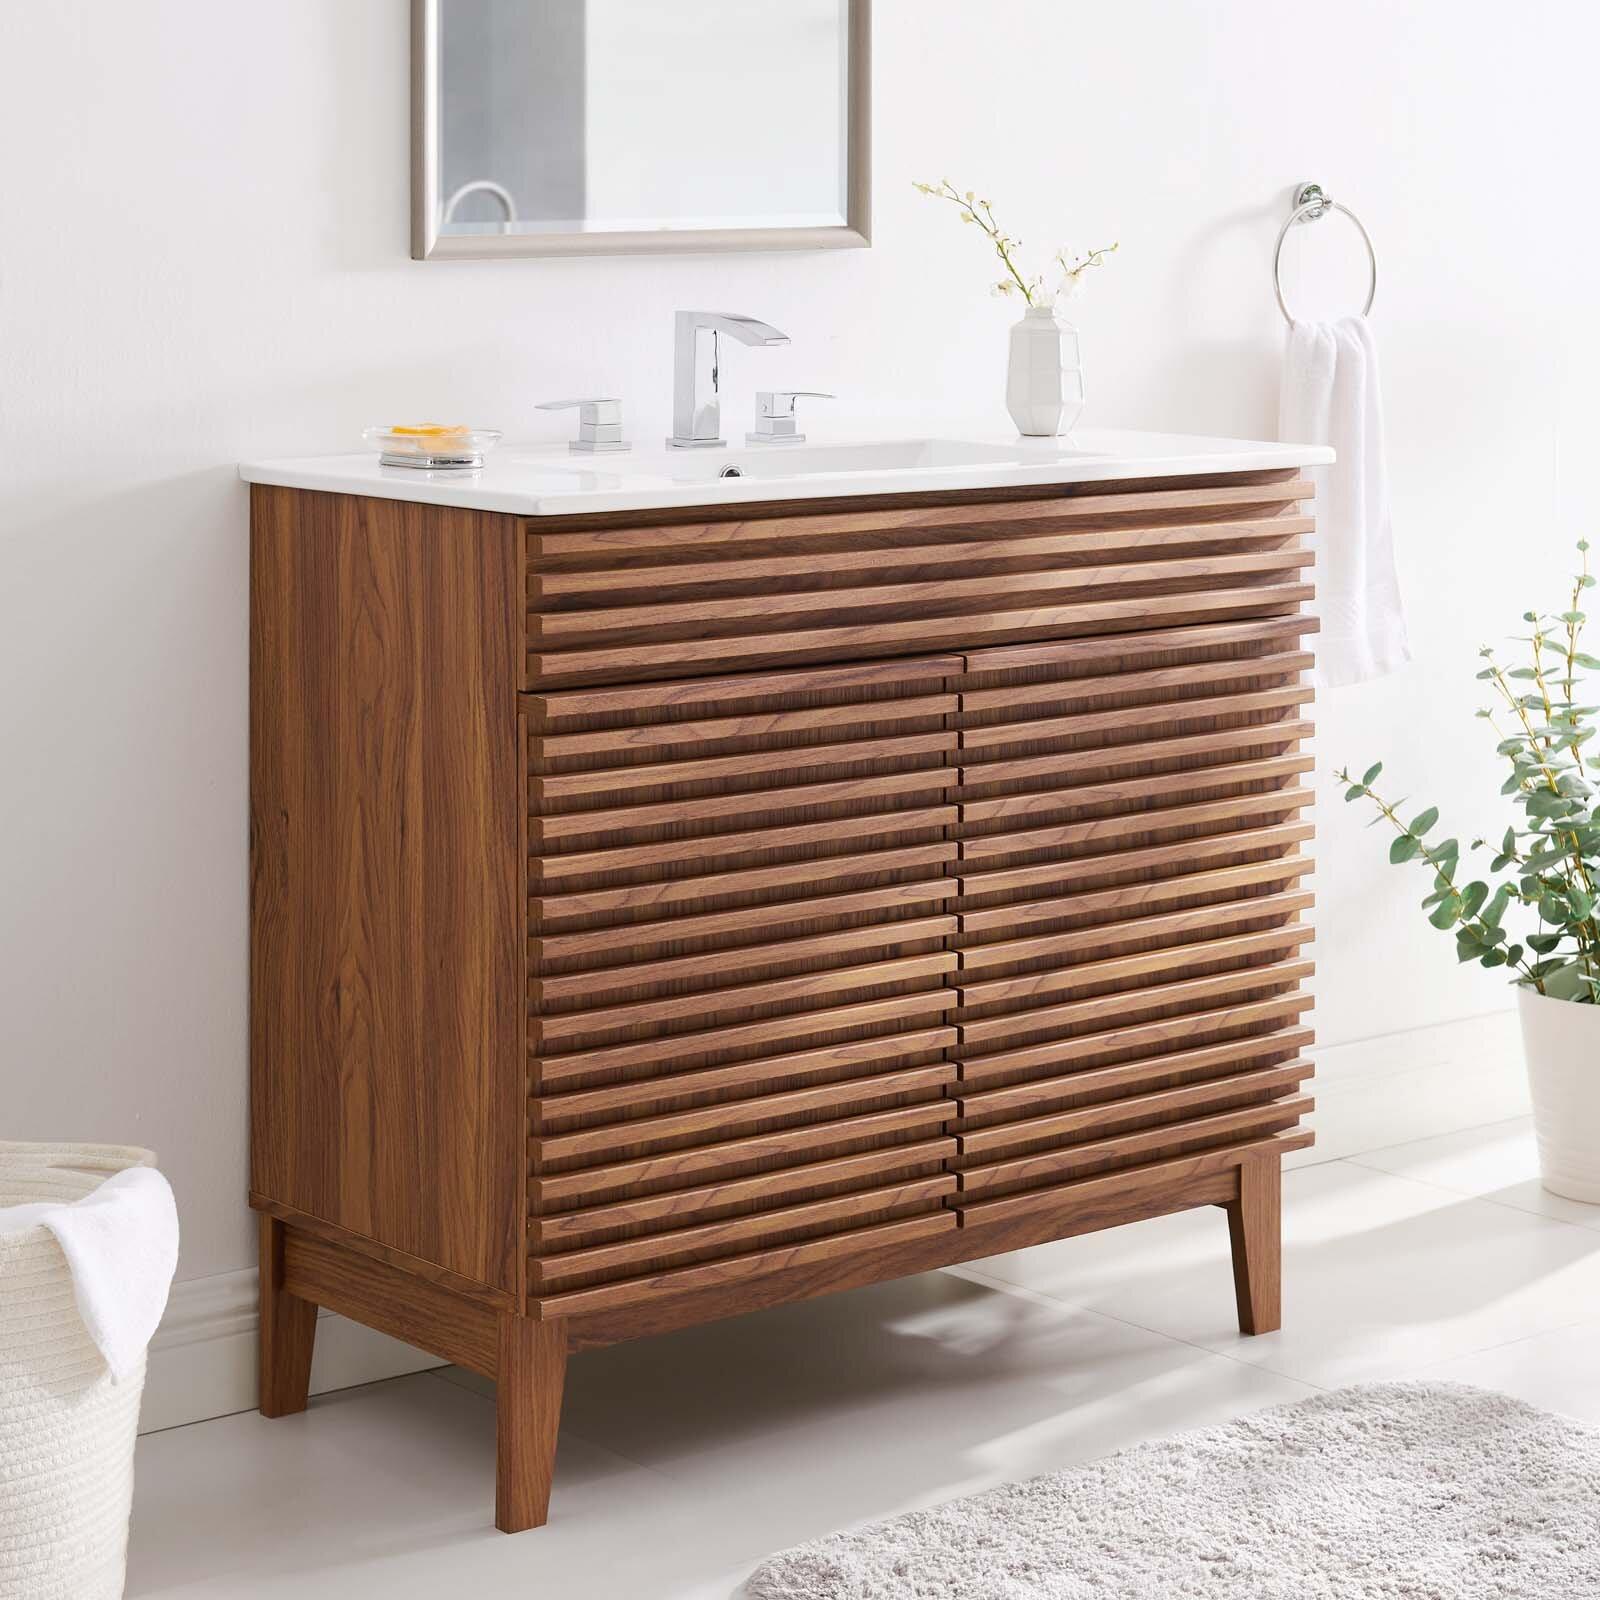 George Oliver Wigington 36 Single Bathroom Vanity Set Wayfair